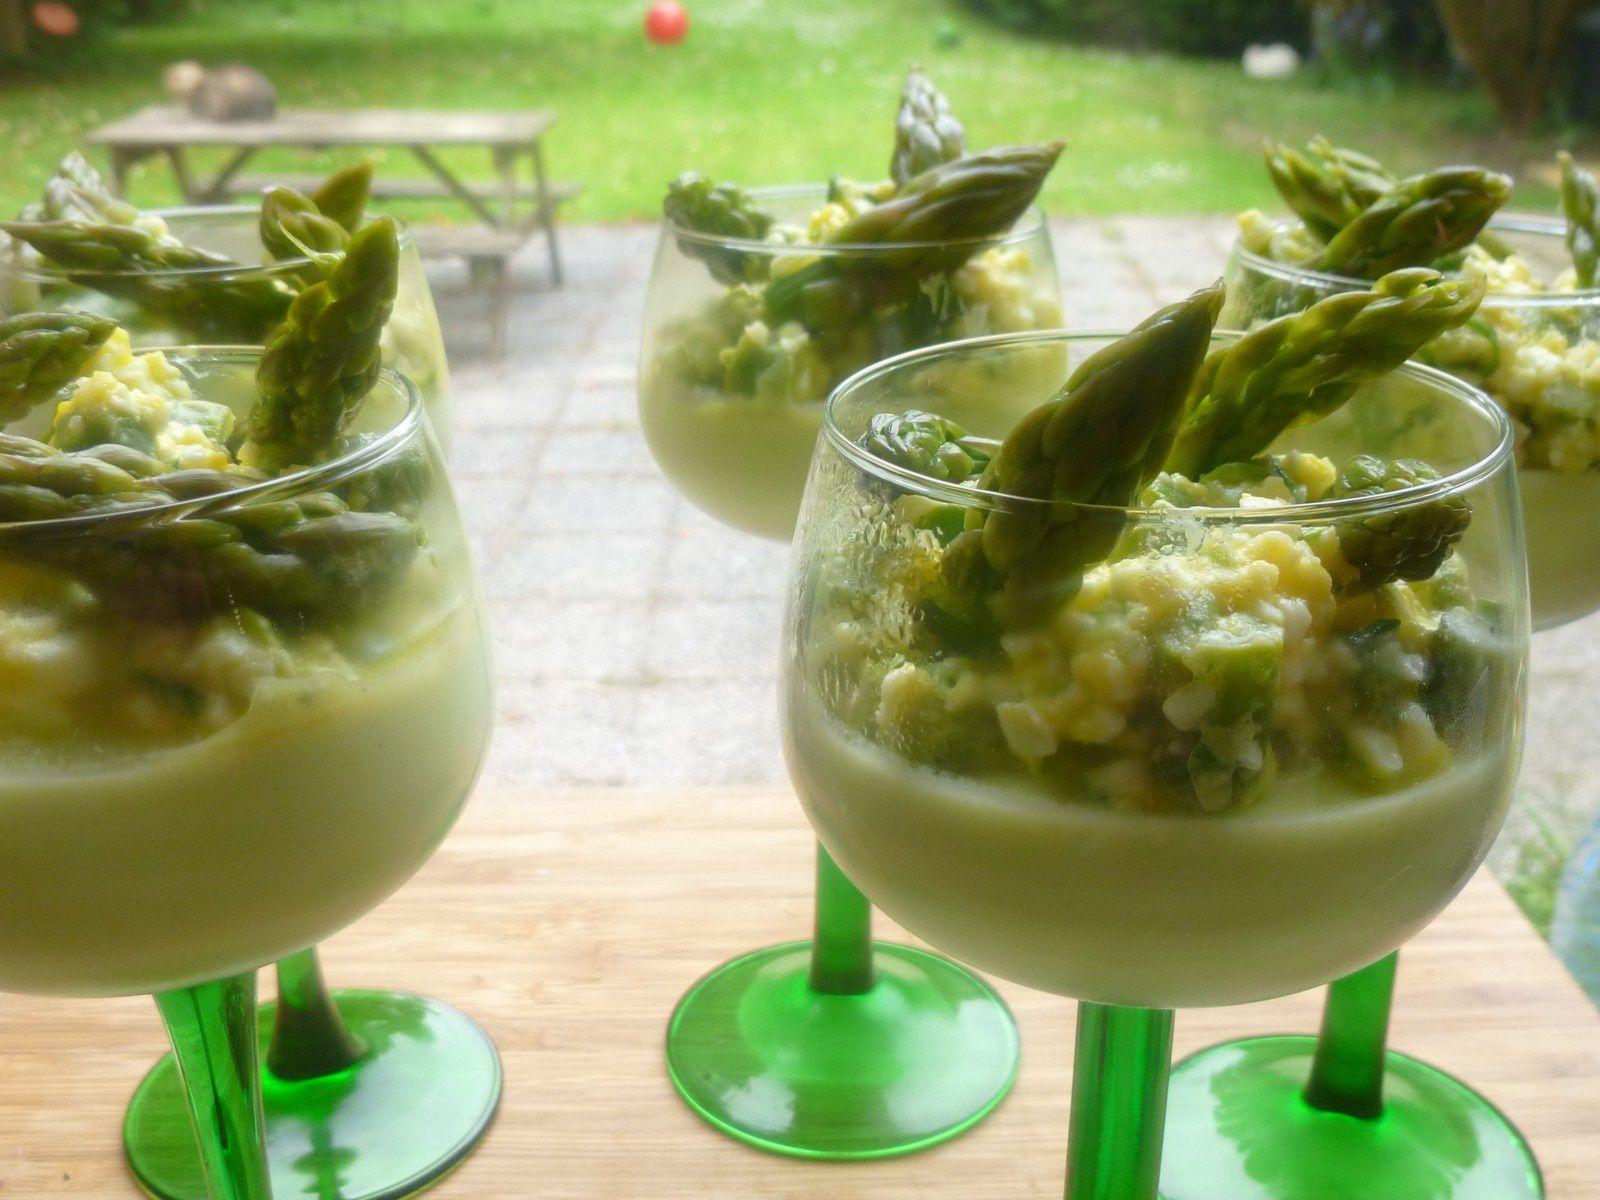 verrines crème d'asperges vertes,mimosa d'asperges aux oeufs